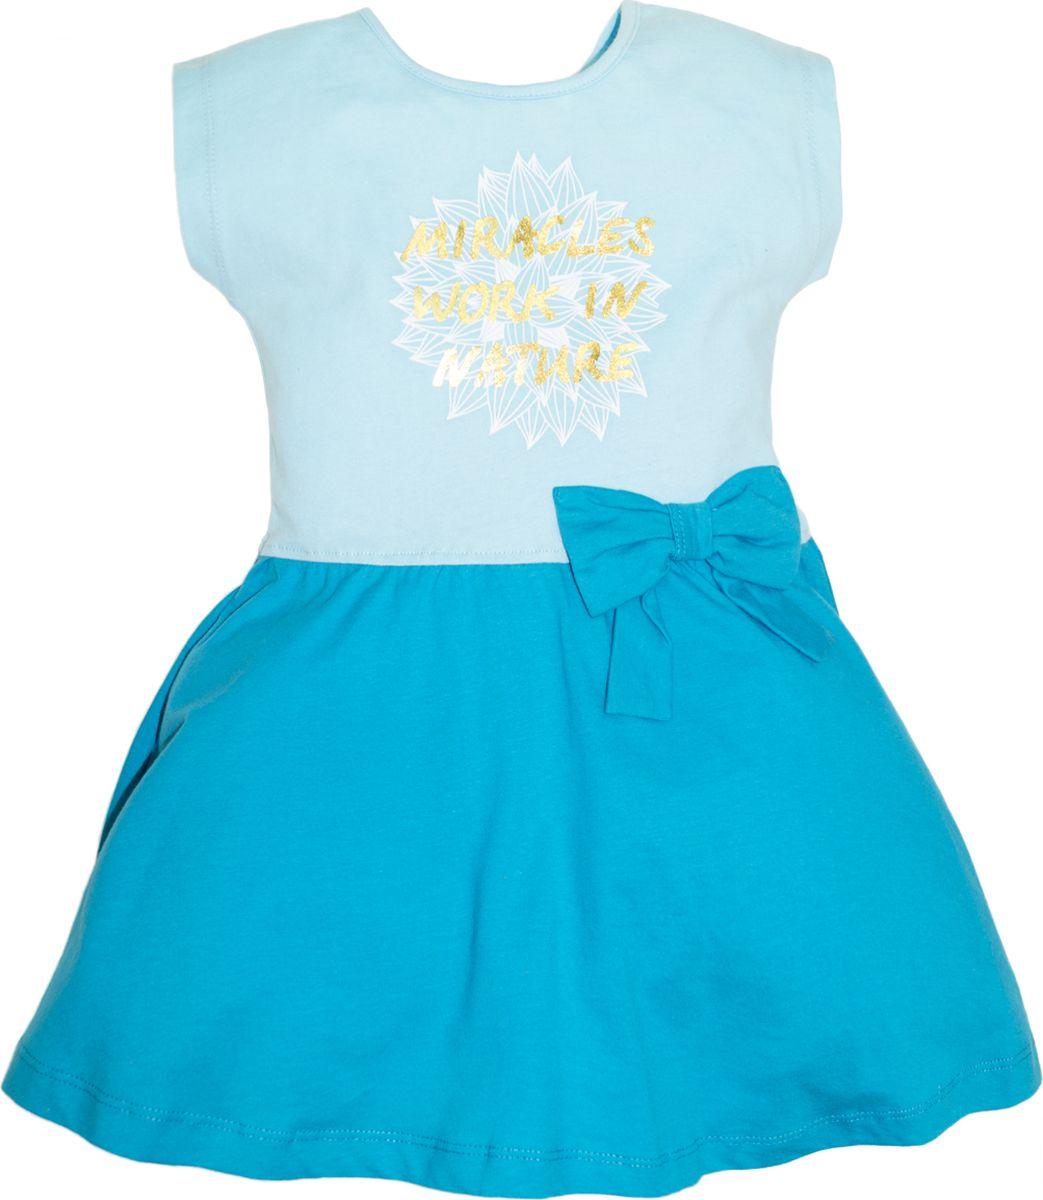 Платье для девочки Let's Go, цвет: бирюзовый. 8151. Размер 98 спортивный костюм для девочки let s go цвет бирюзовый 1118 размер 98